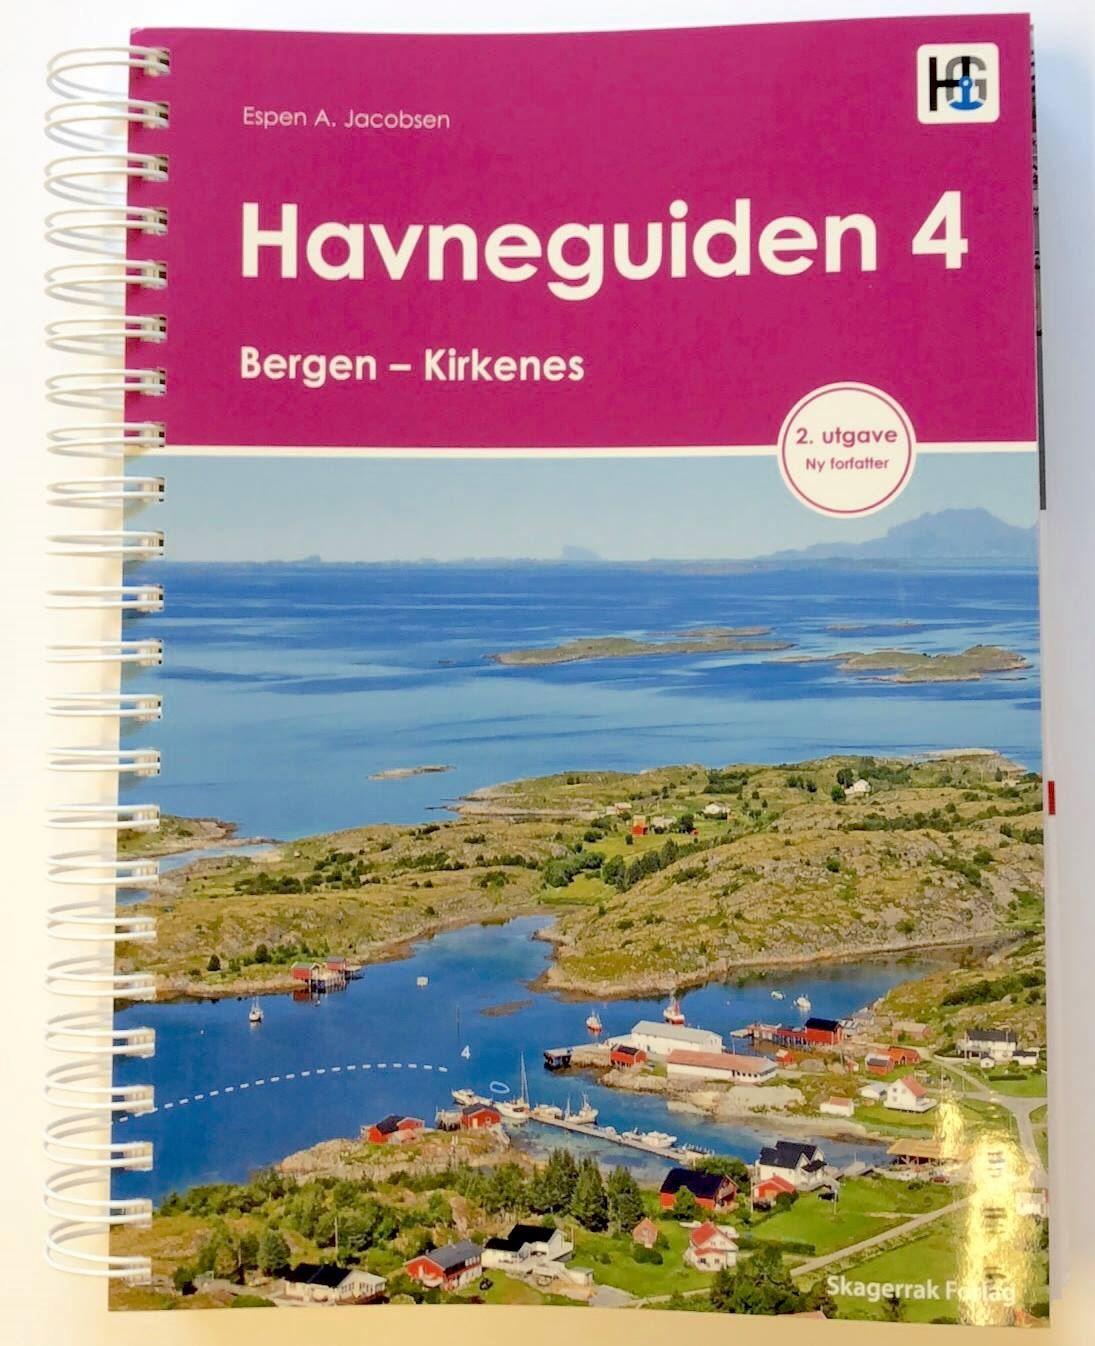 Bilde av Havneguiden 4 Bergen - Kirkenes